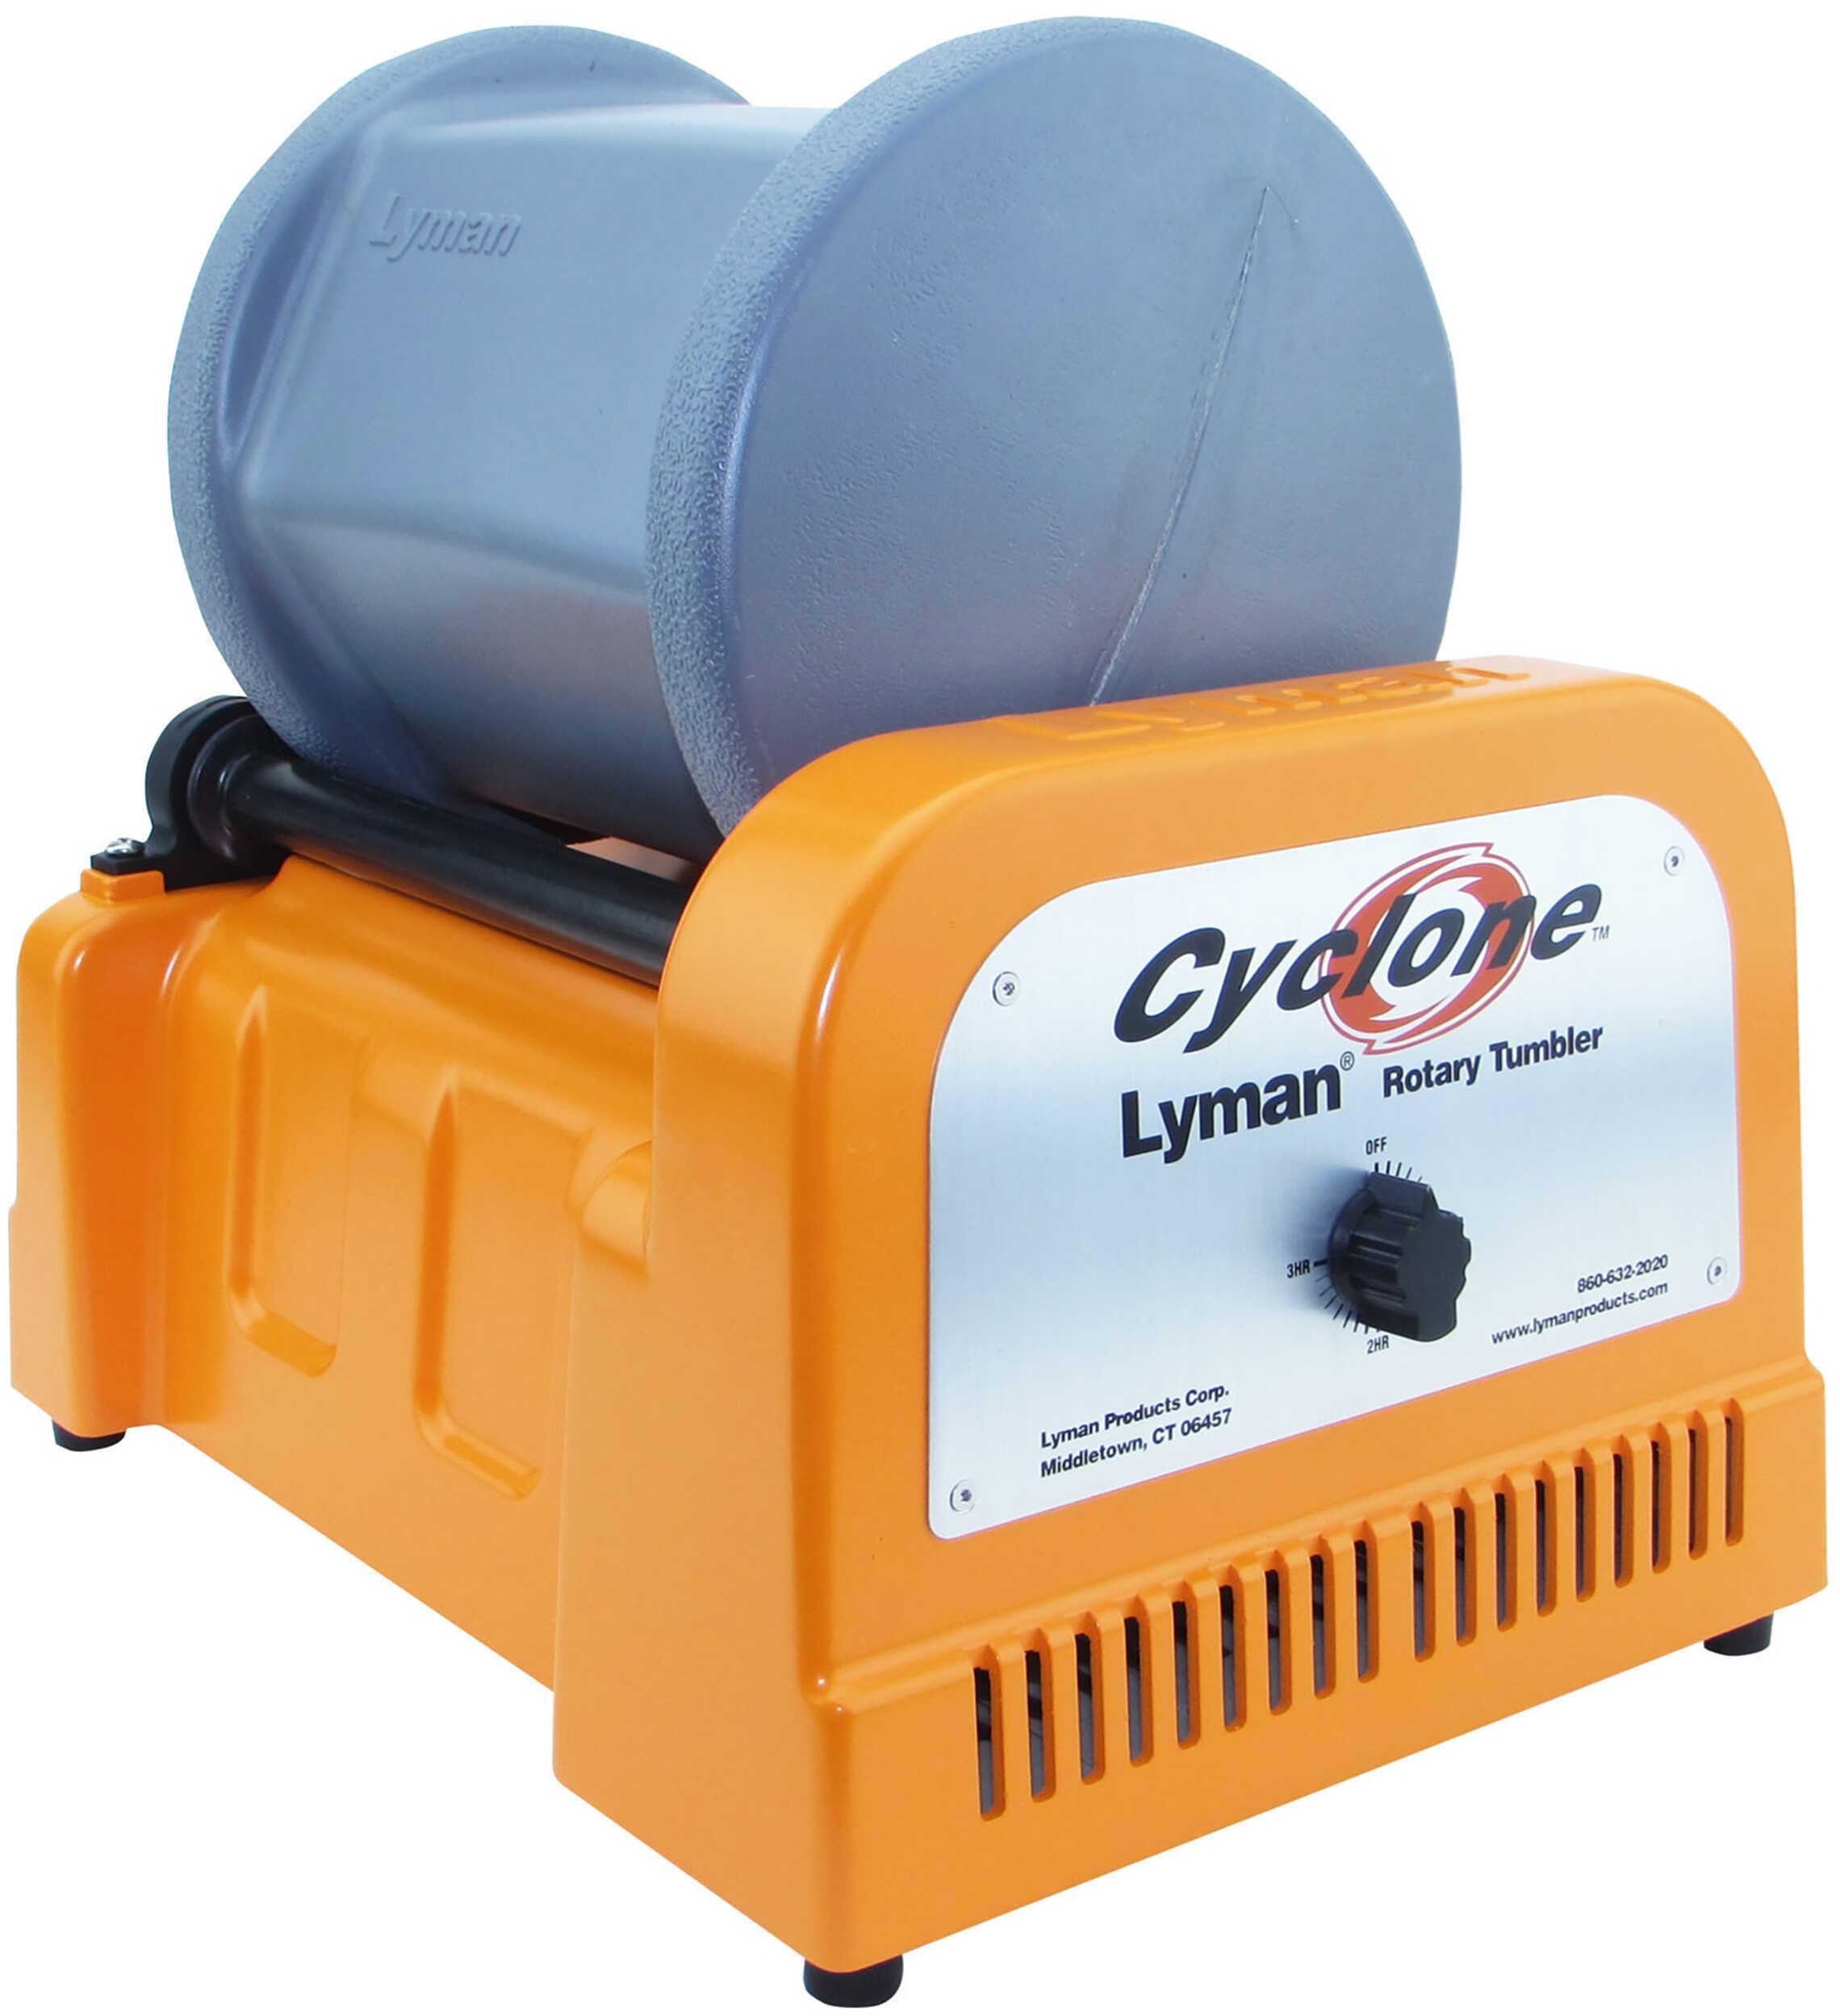 LYM Cyclone Case Tumbler 115V